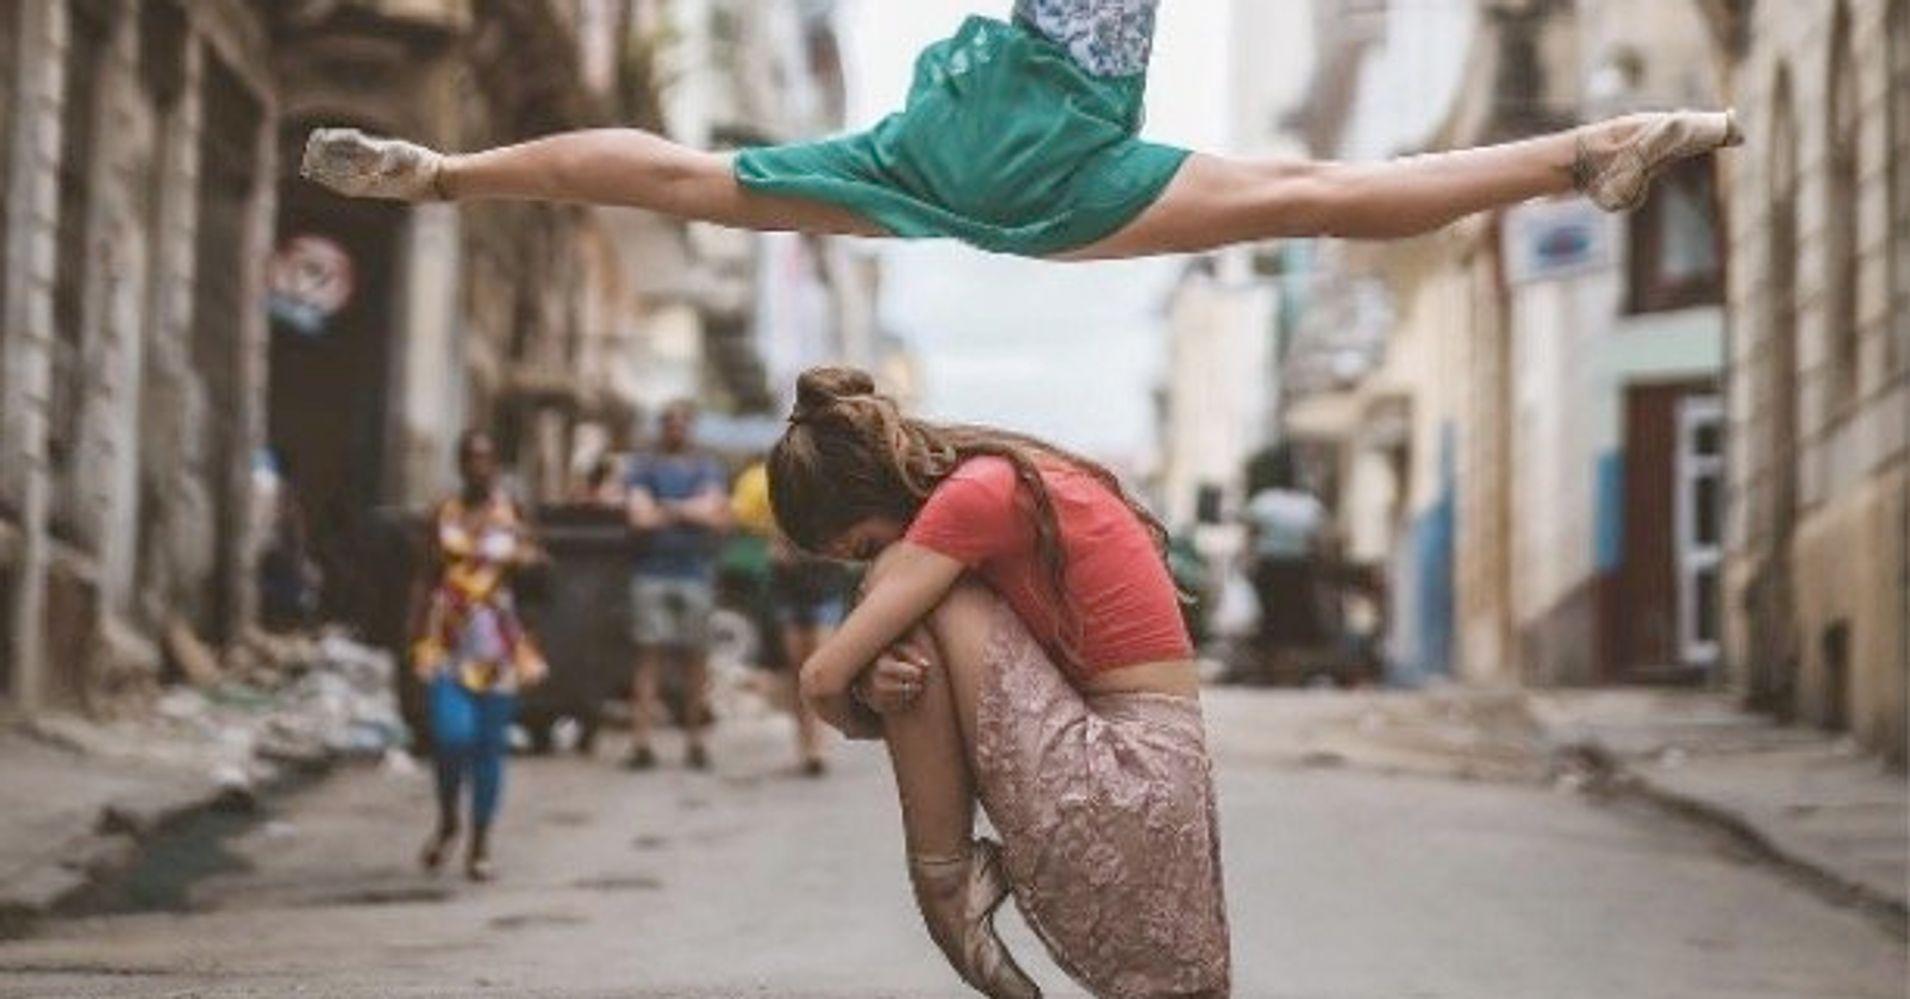 Dating in cuban culture